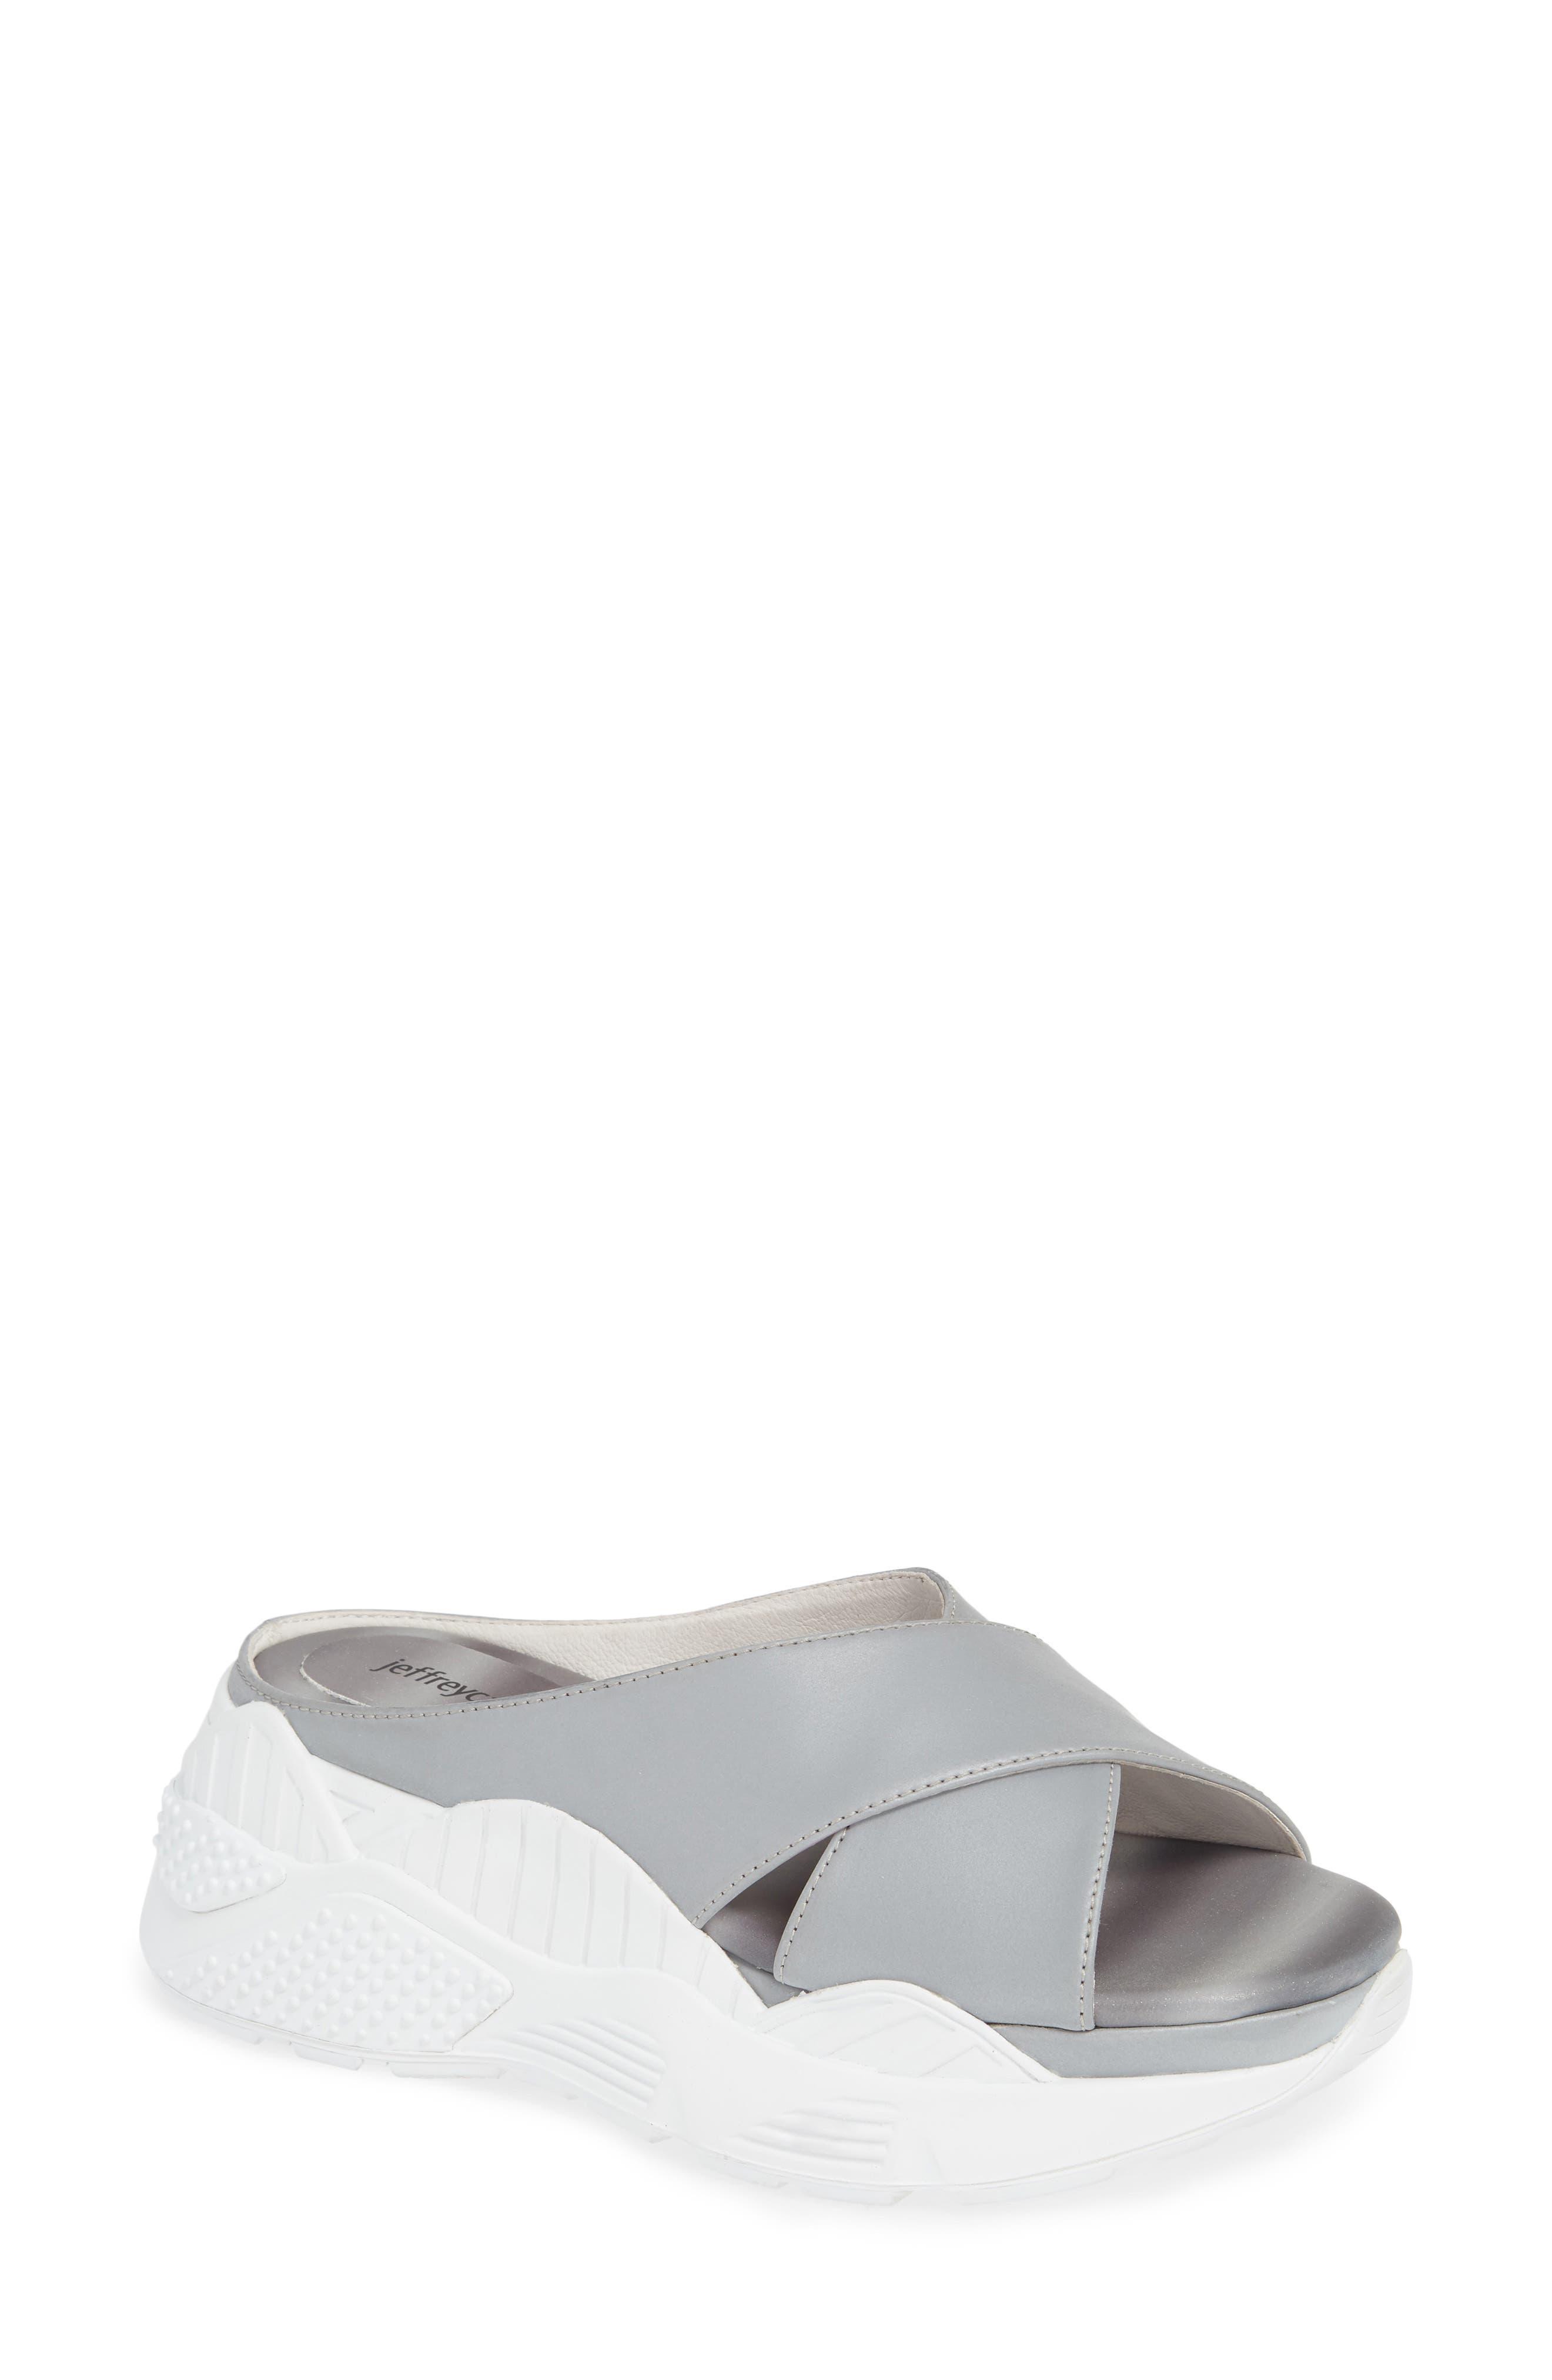 Sector Sport Slide Sandal, Main, color, REFLECTIVE